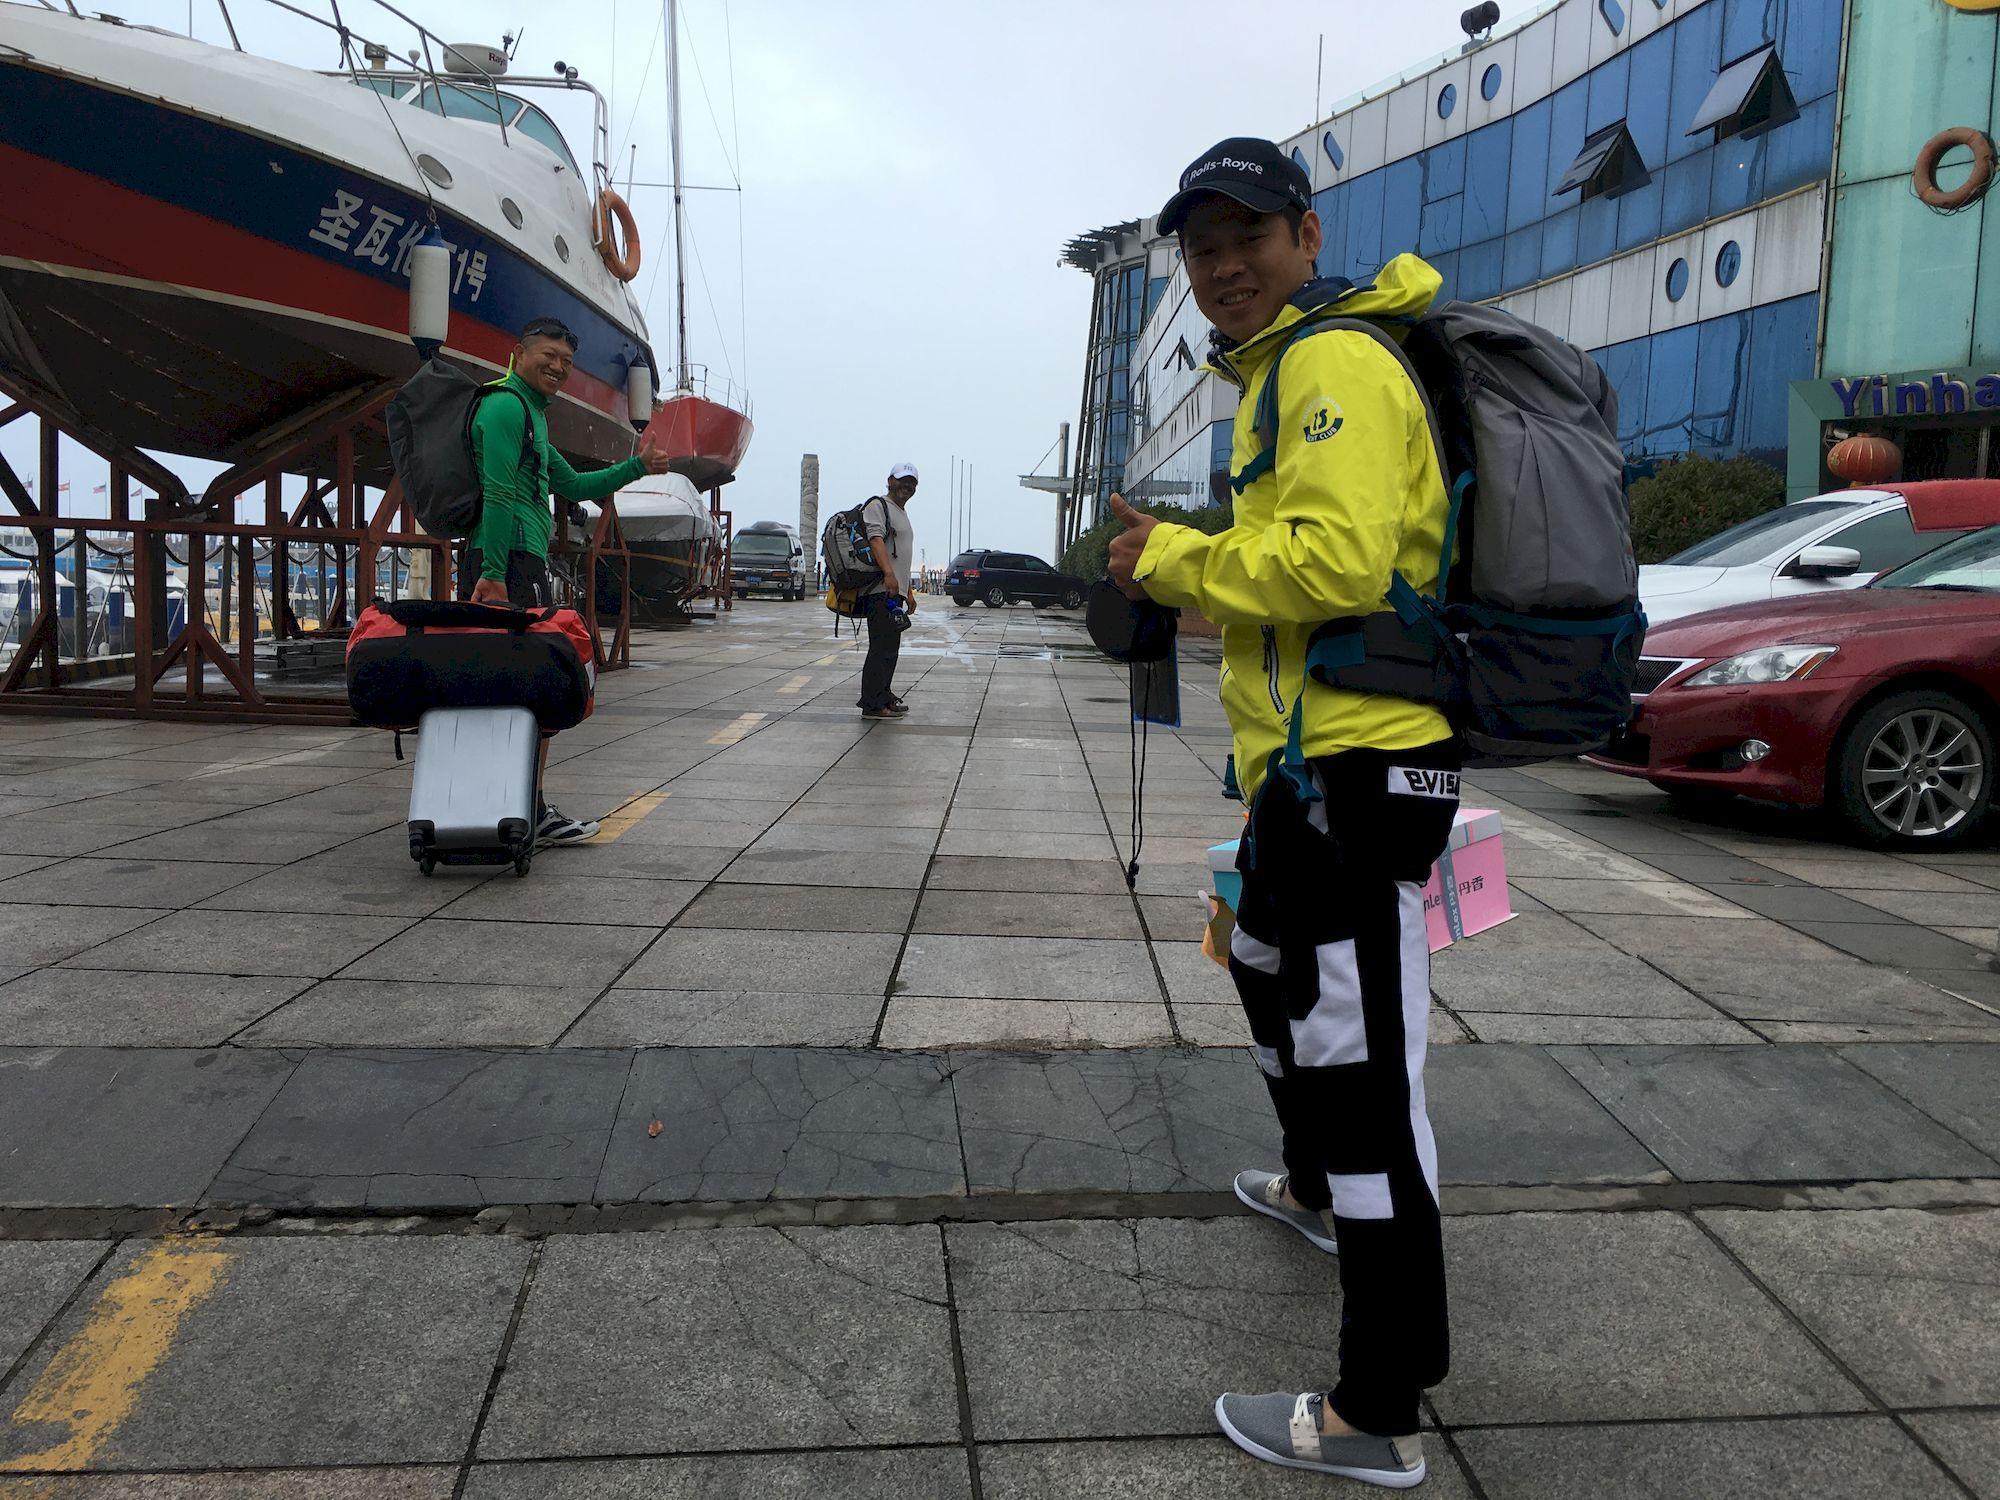 IMG_2514_千帆俱乐部我要航海网帆船队-2016威海-仁川国际帆船赛.JPG